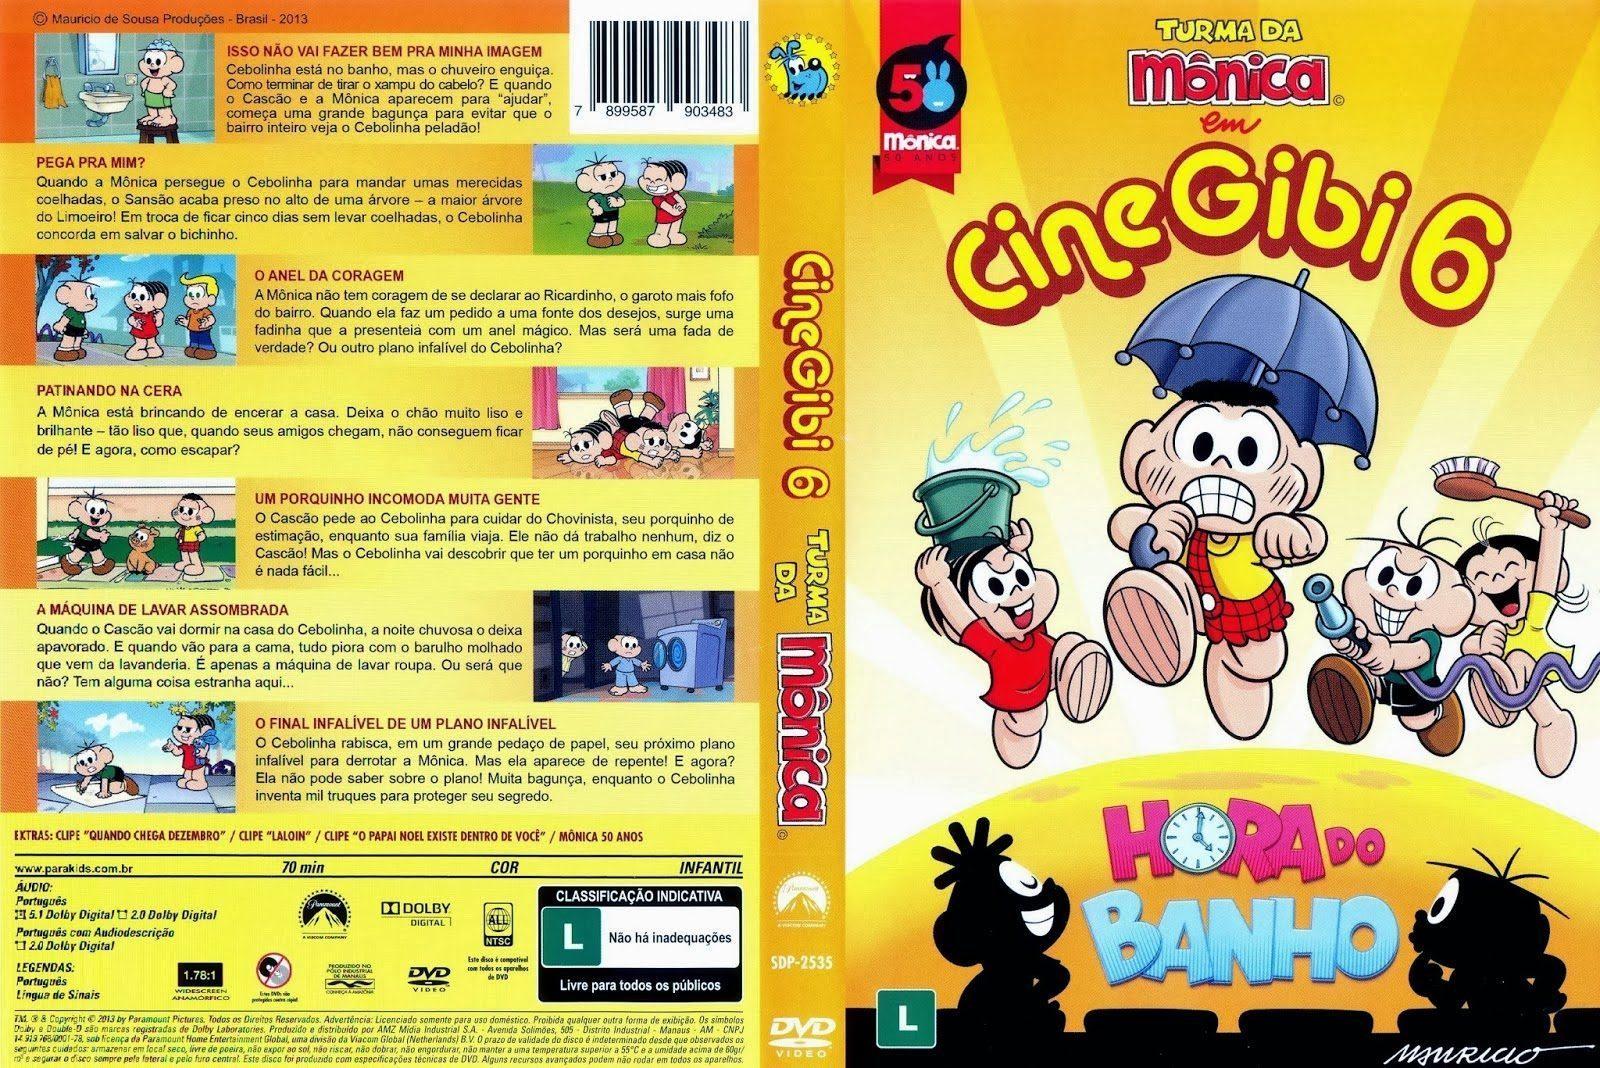 CineGibi6 HoraDoBanho 7663285 1263188 6023150